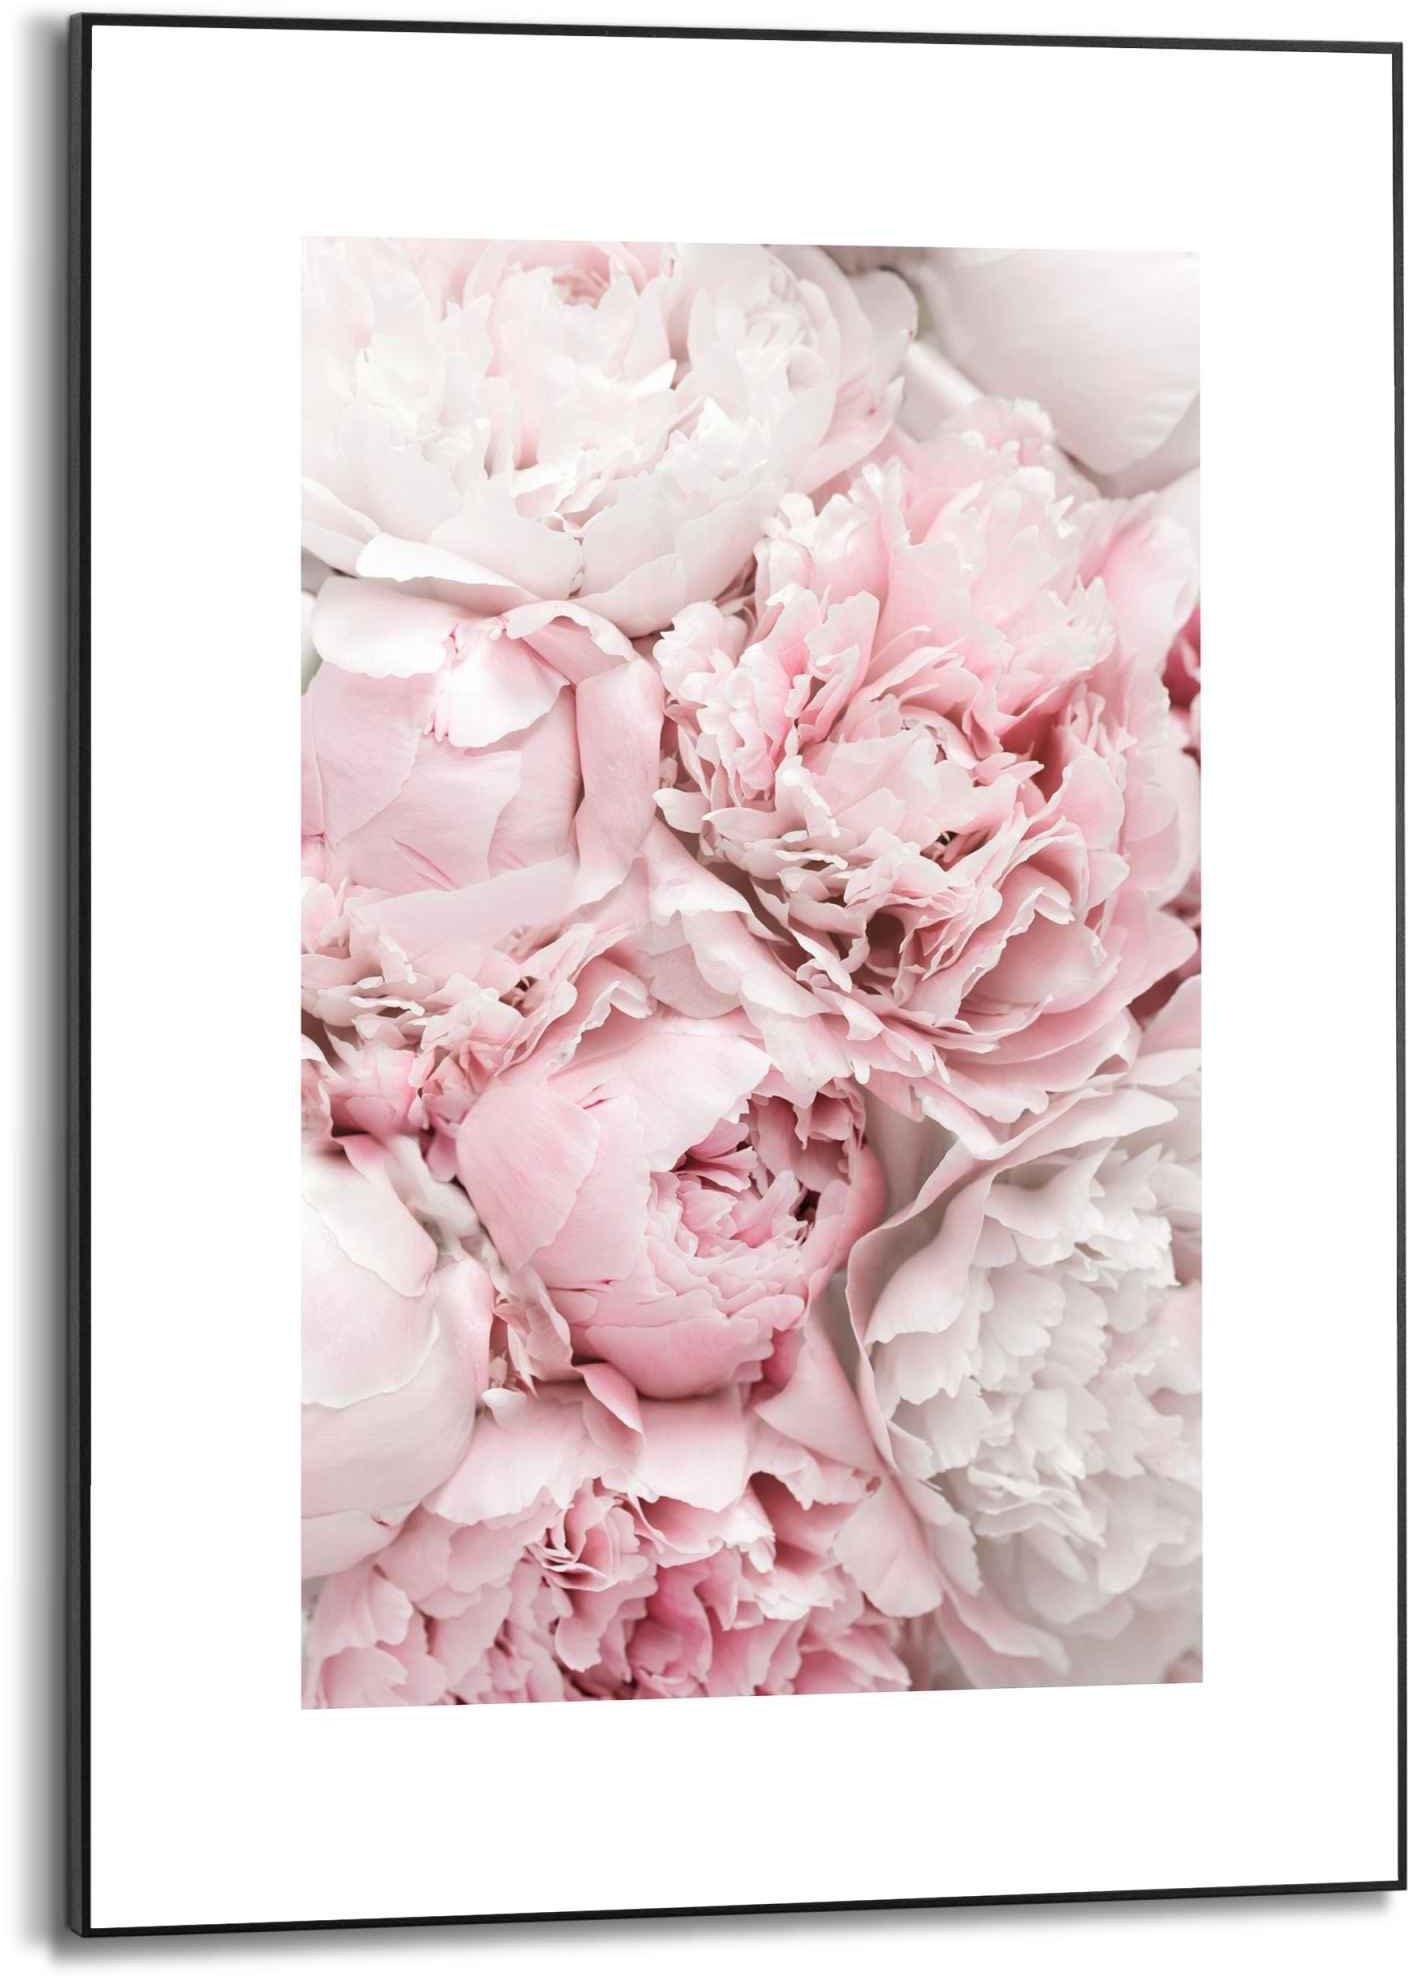 Reinders! wanddecoratie Gerahmtes Bild Pfingstrosen Blumen - Romantisch (1 stuk) - gratis ruilen op otto.nl